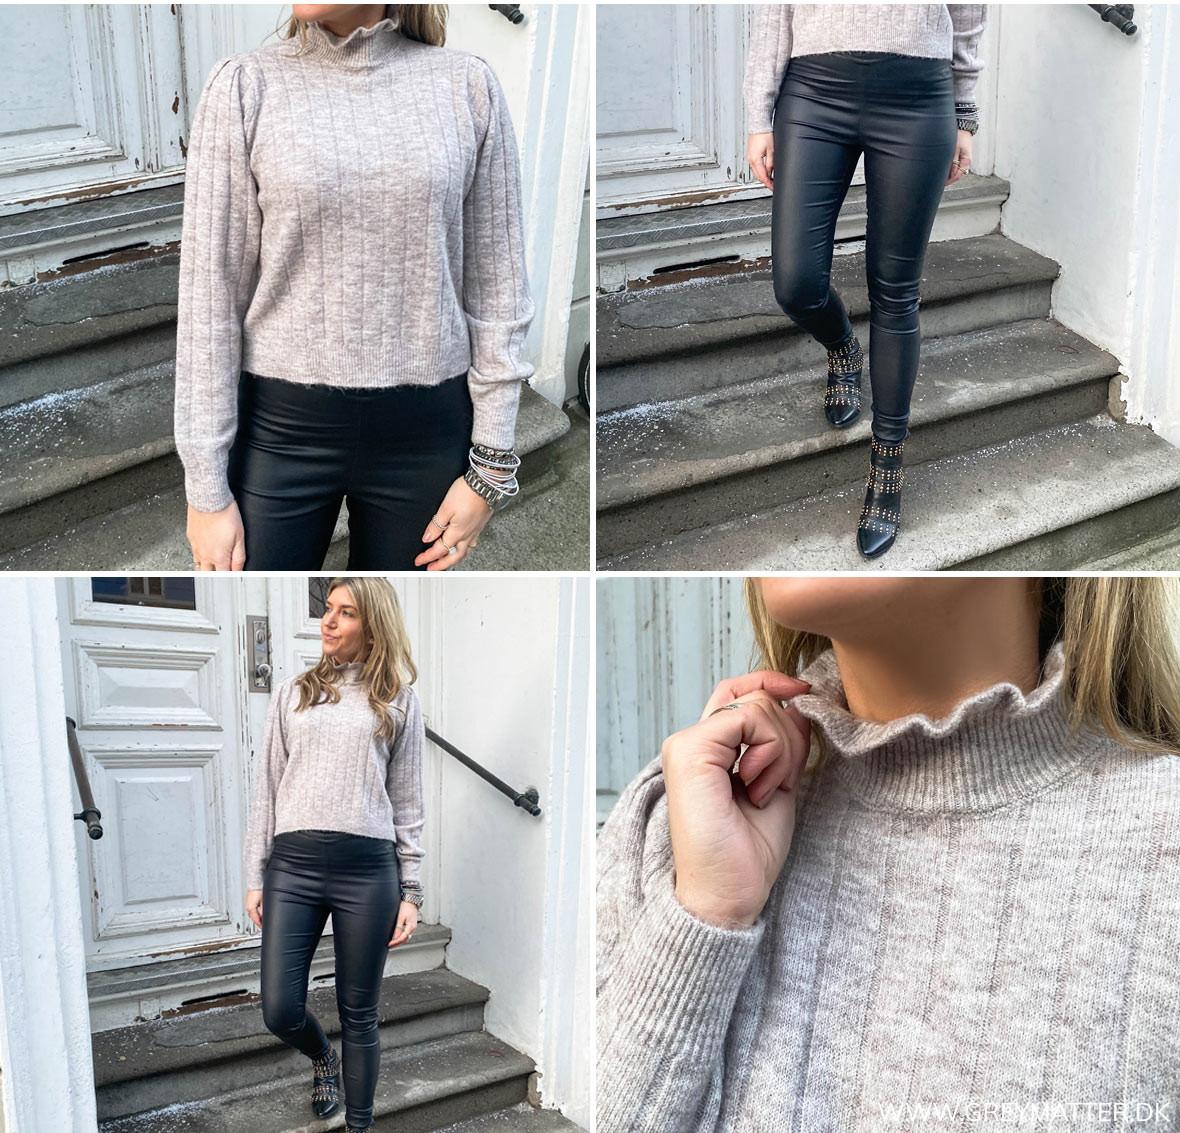 vicommit_sorte_leggings_og_bluse.jpg